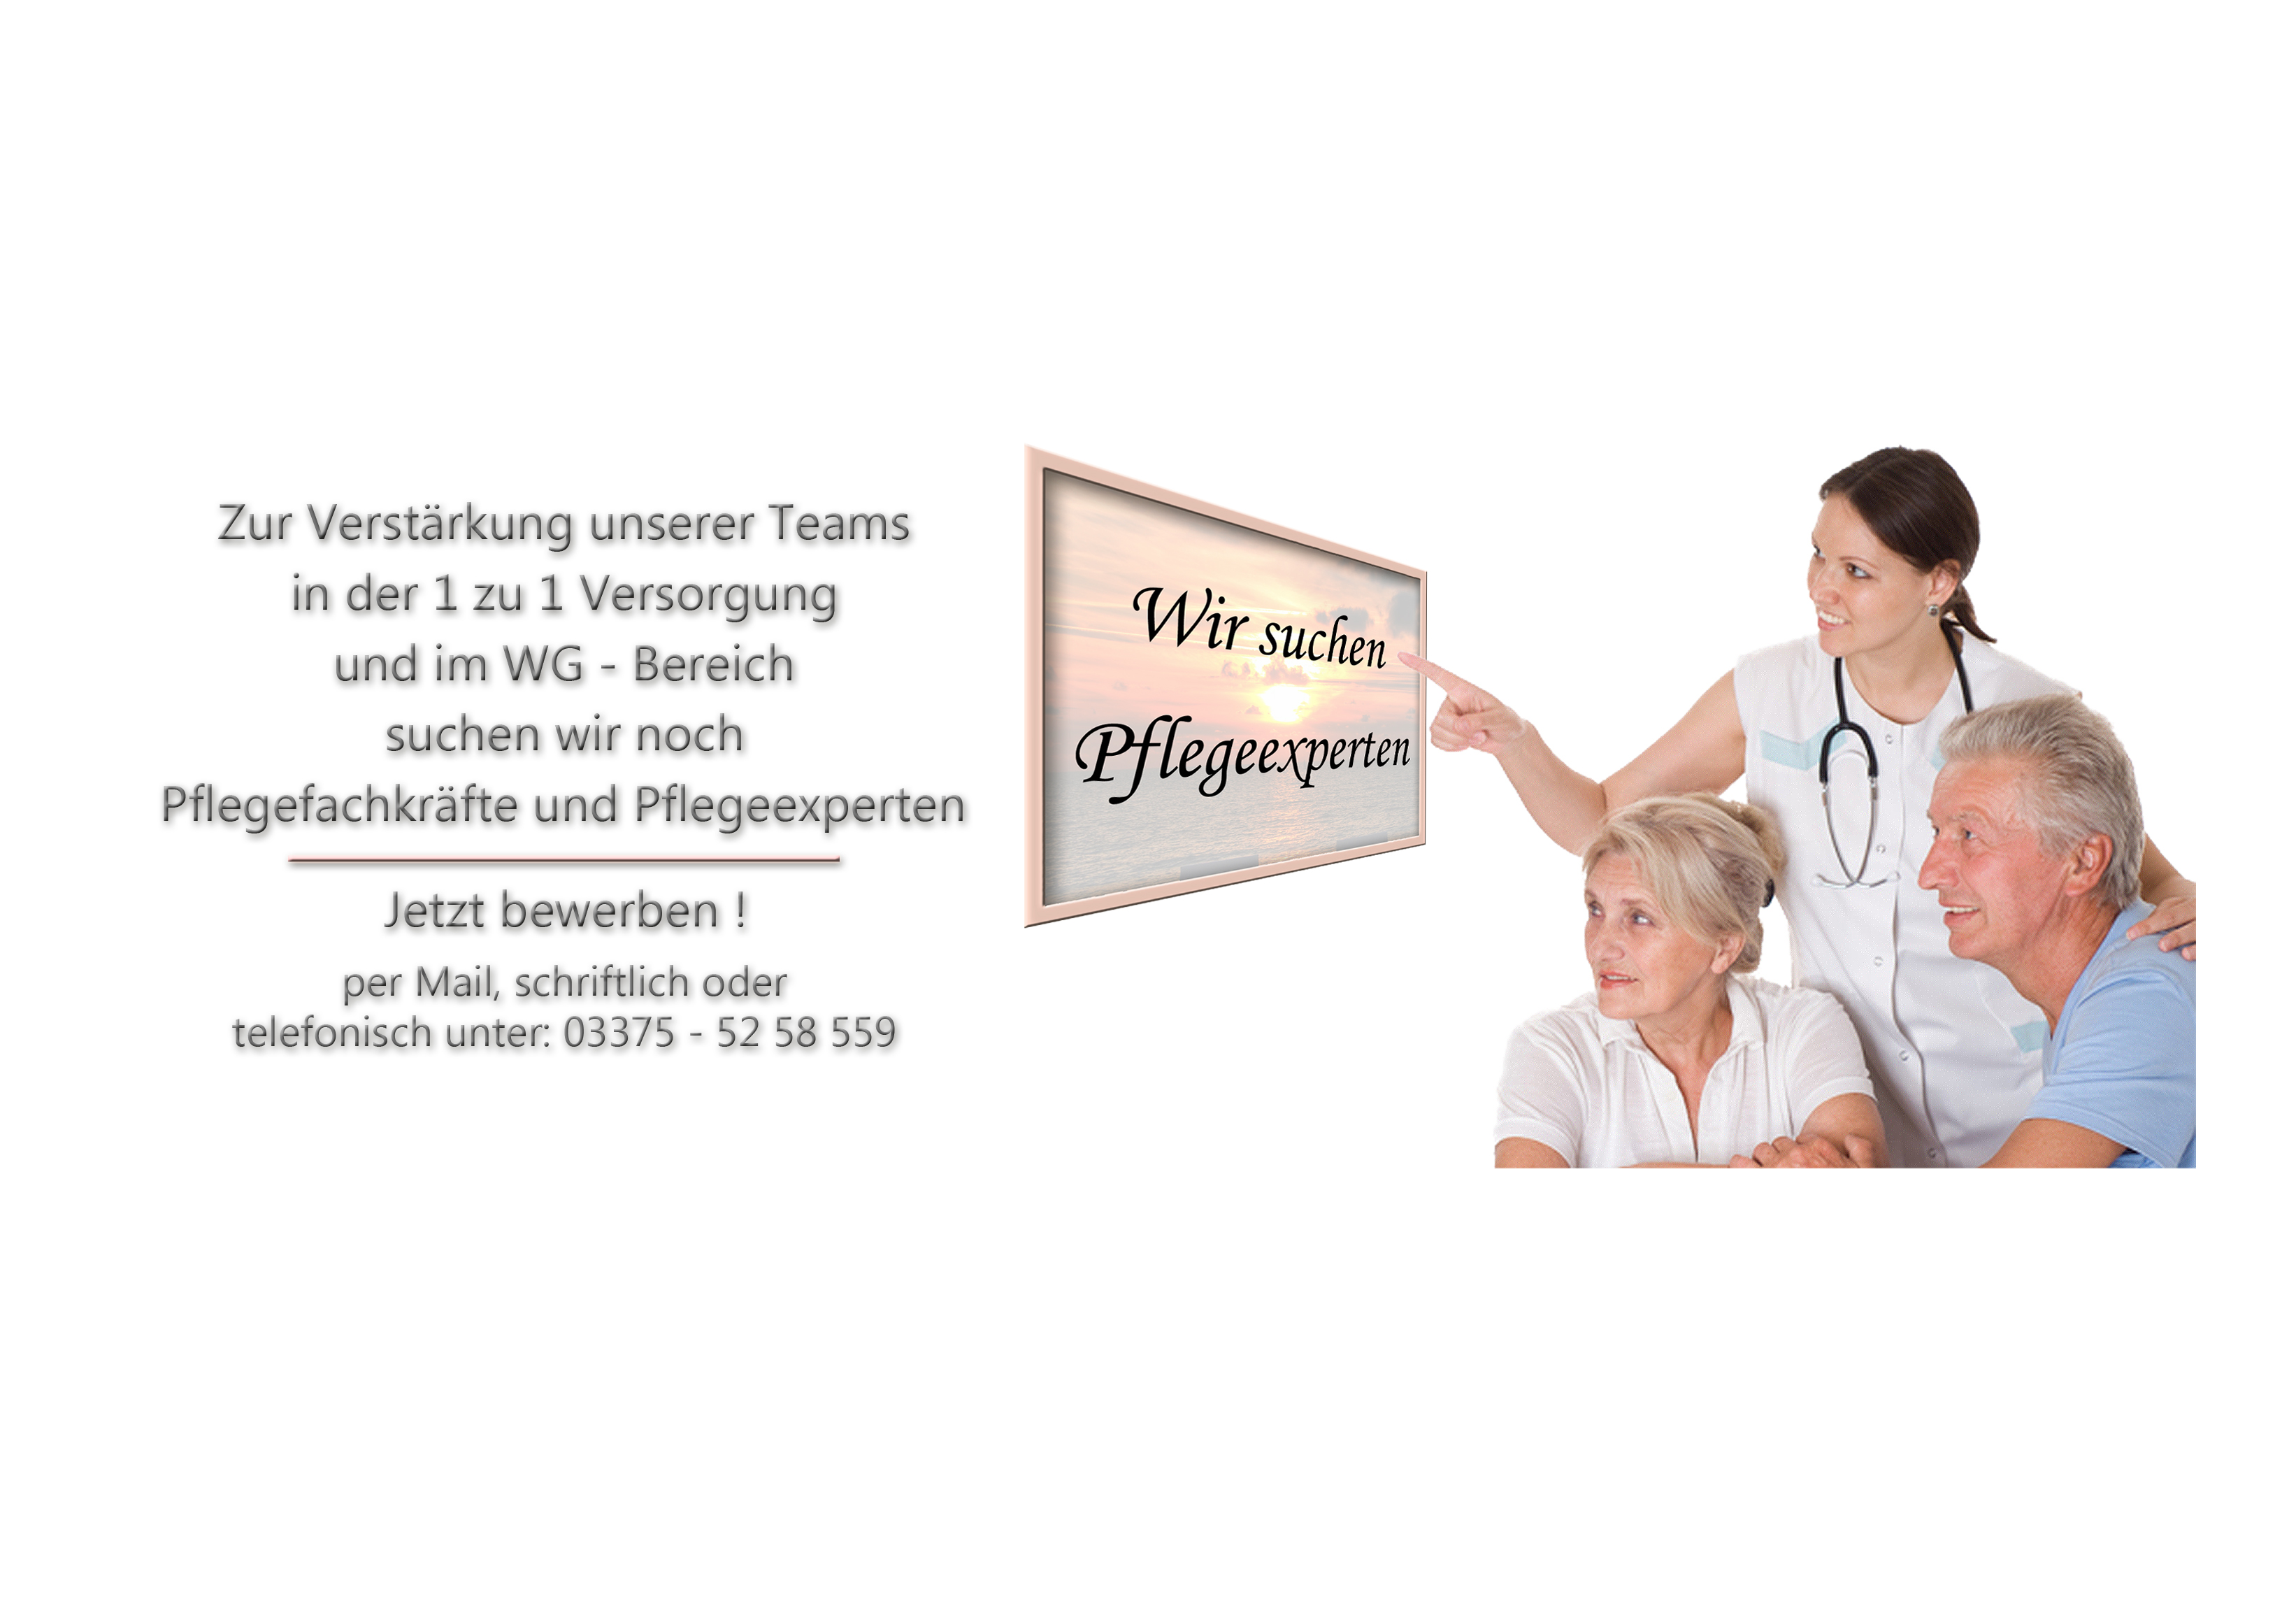 verstaerkung_neu_1